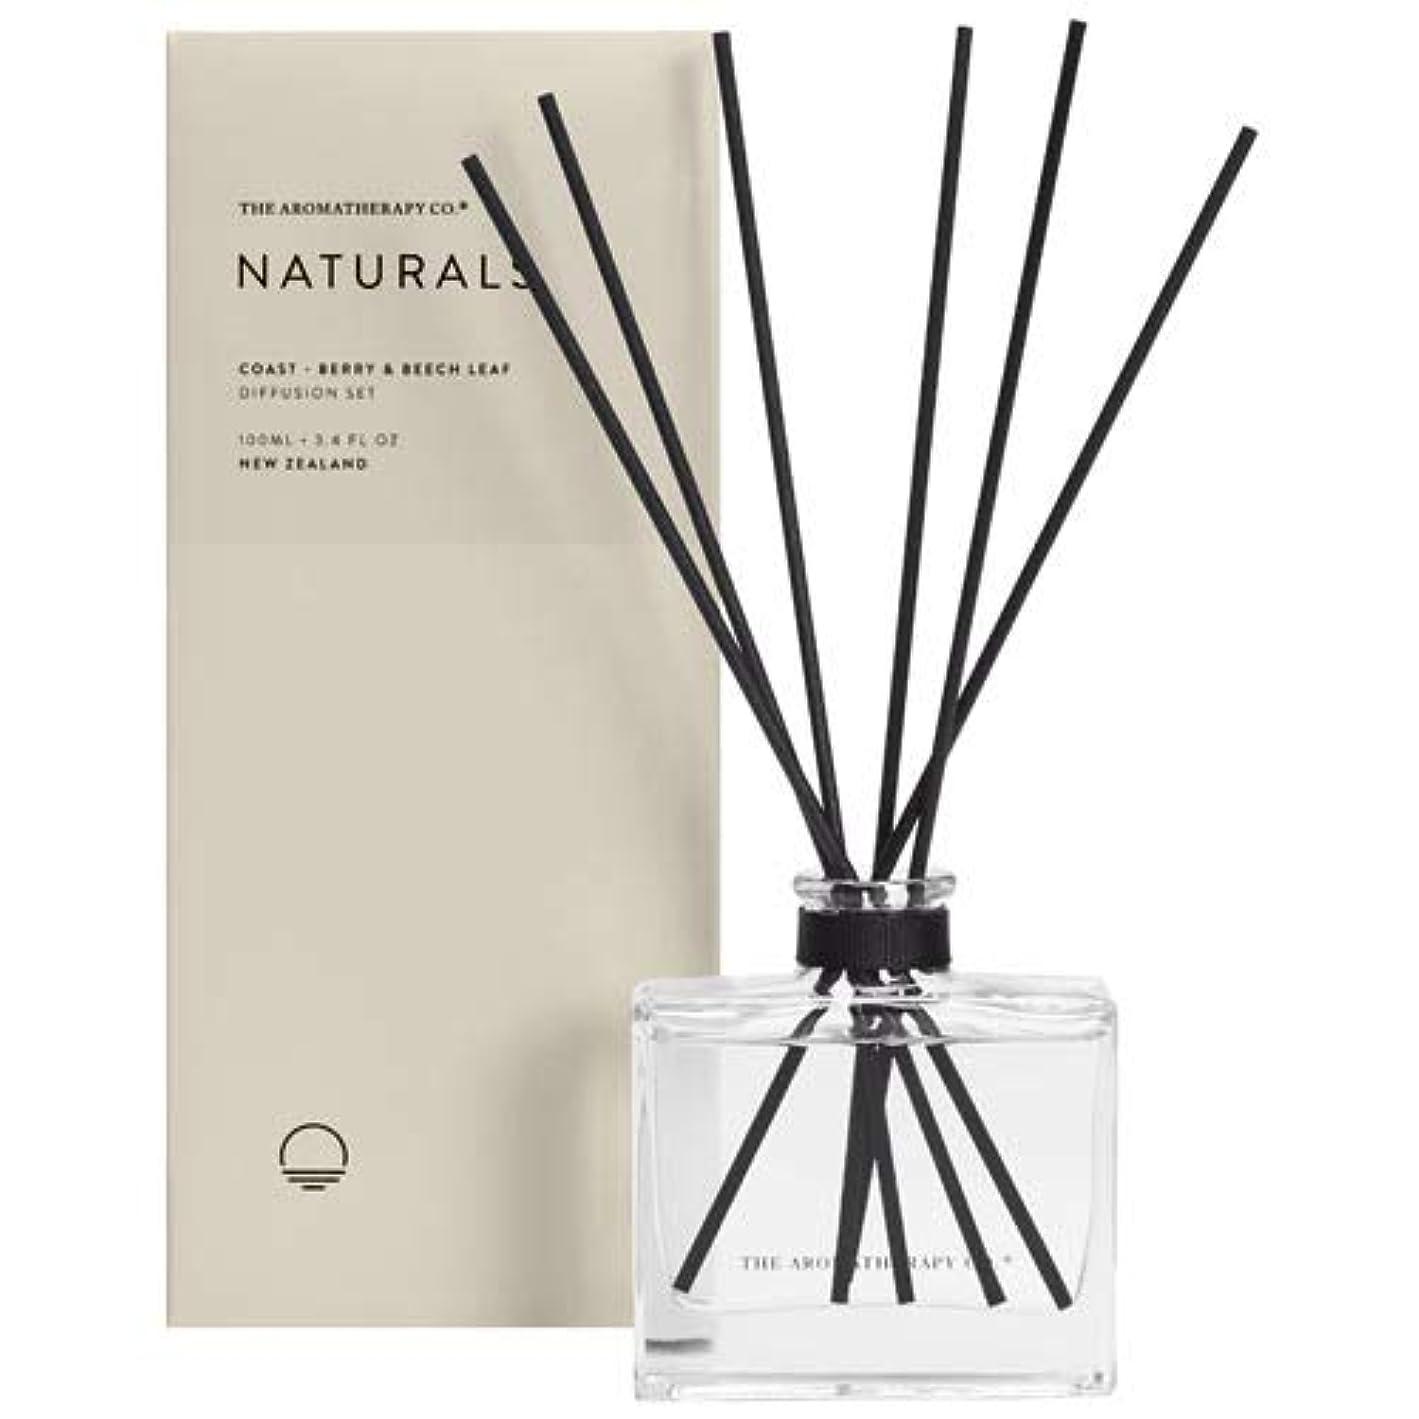 瞬時に気づかない縁石アロマセラピーカンパニー(Aromatherapy Company) new NATURALS ナチュラルズ Diffusion Stick ディフュージョンスティック Coast コースト(海岸) Berry & Beech...